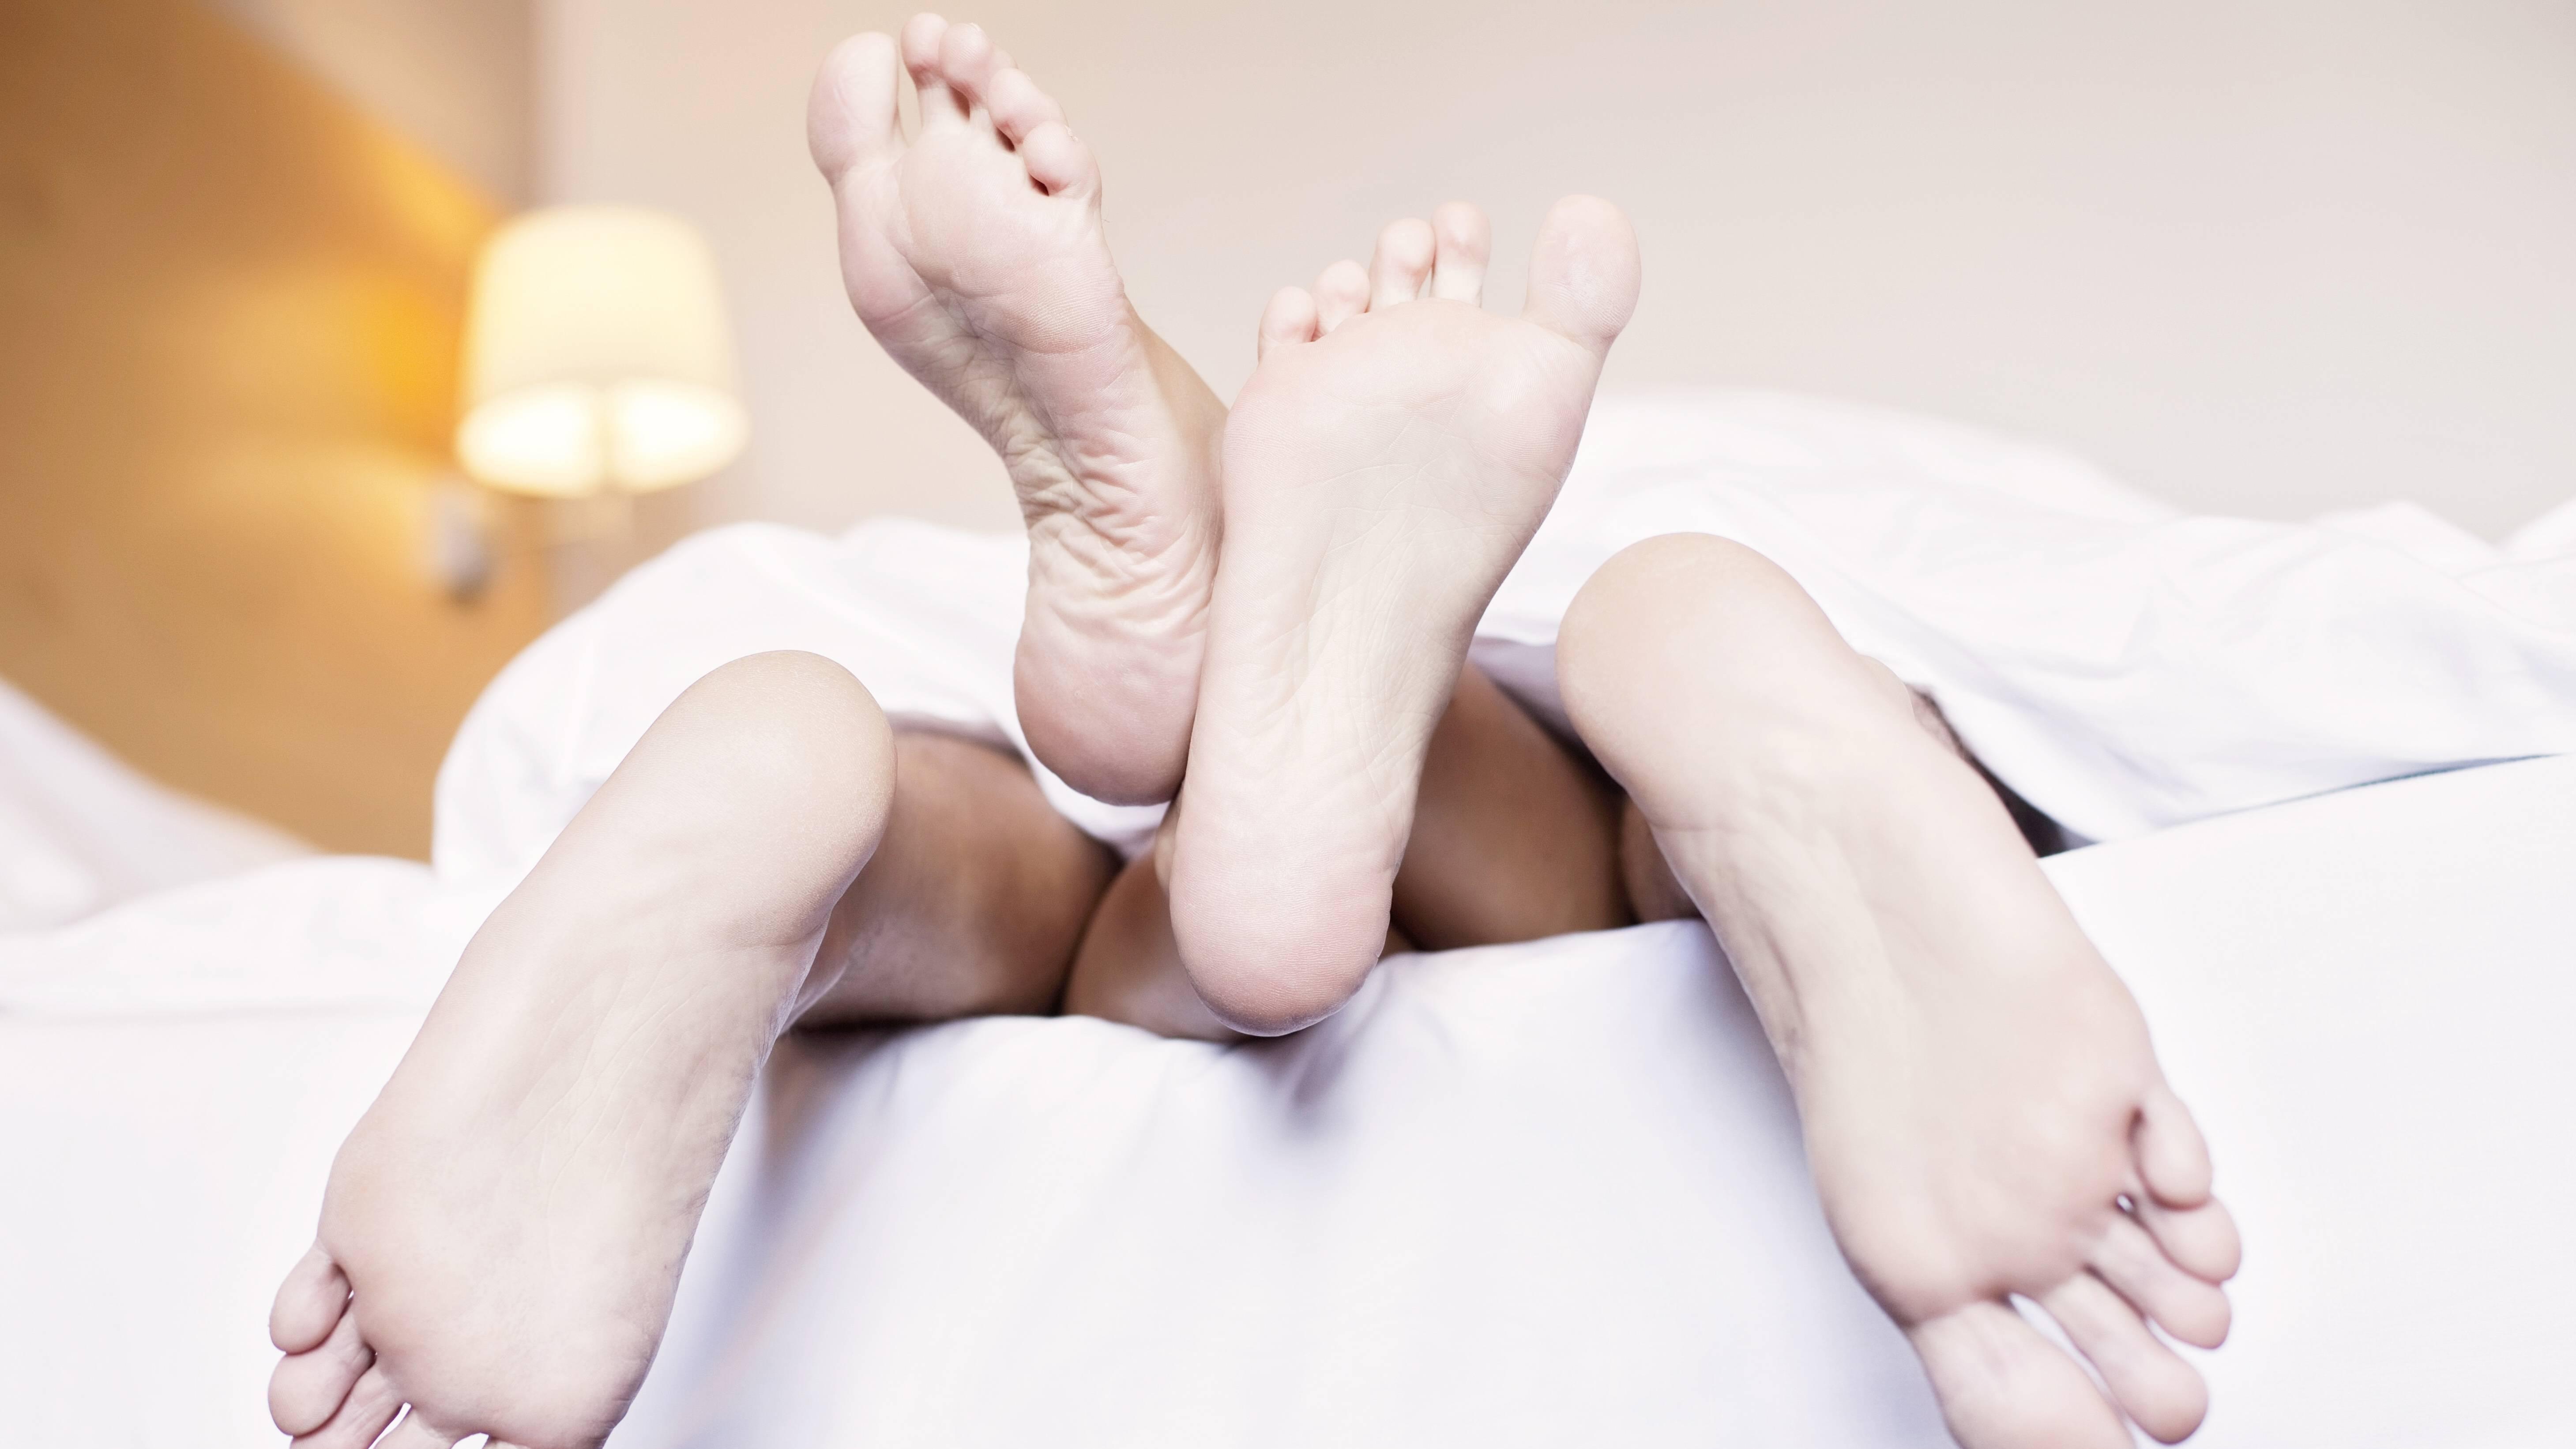 Verhütung ist in den Wechseljahren noch ein bis zwei Jahre nach dem Ausbleiben der Periode wichtig.